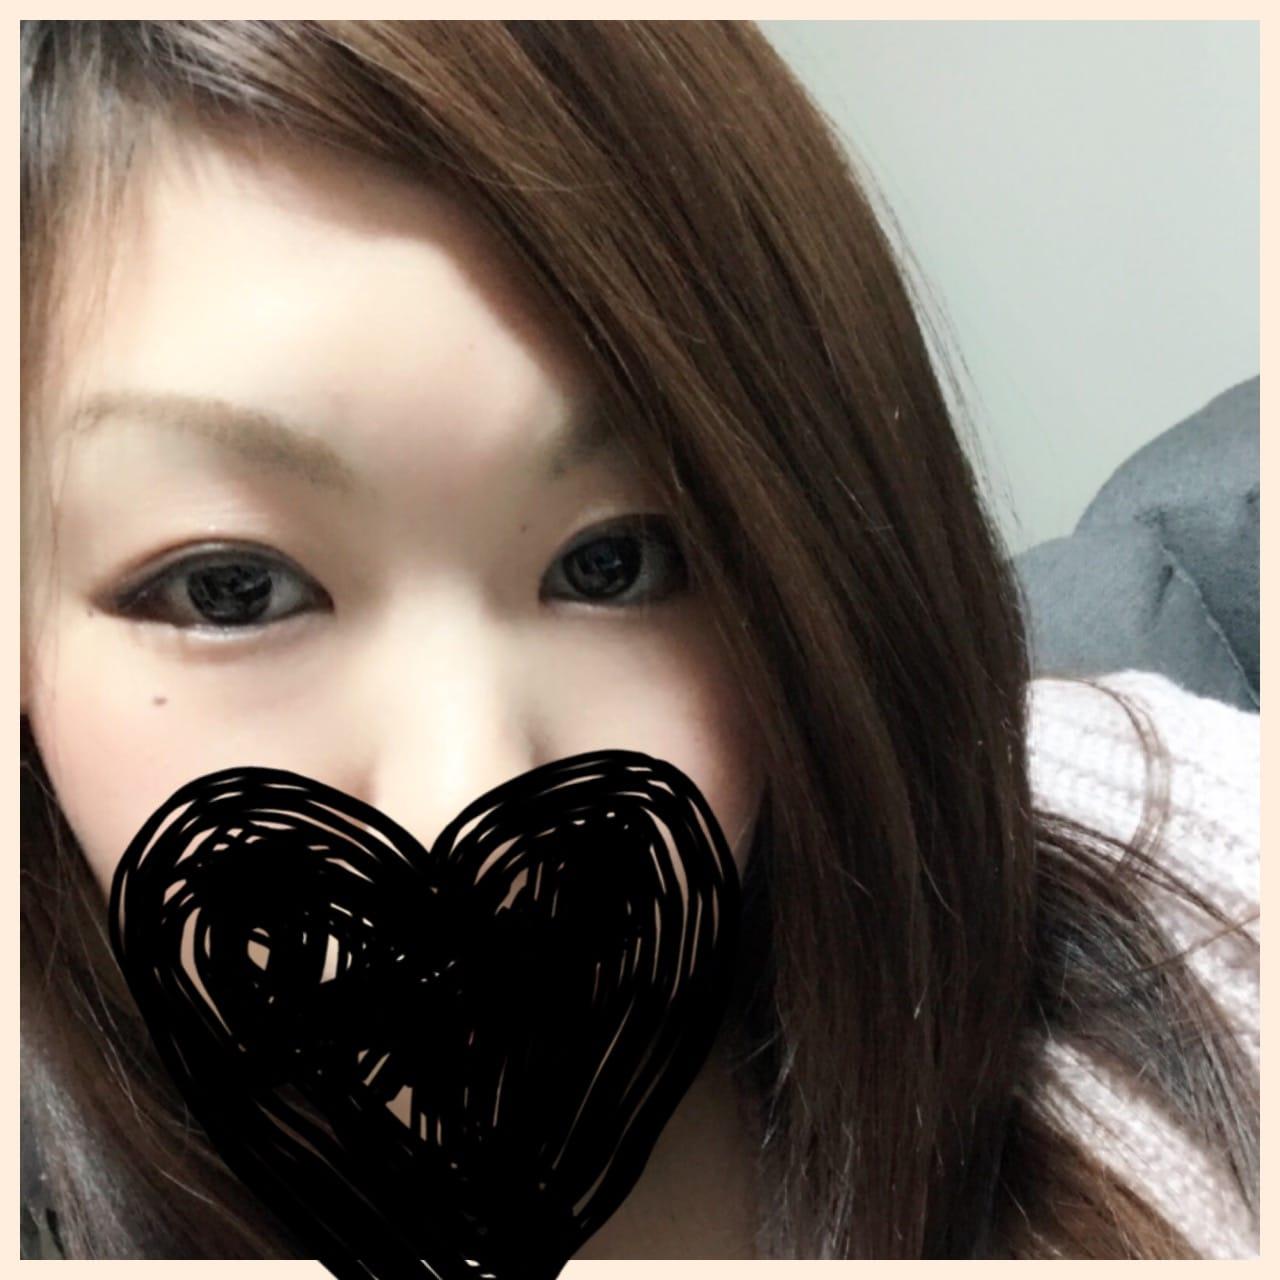 「20時から♡」12/16(土) 19:12 | 石原さんの写メ・風俗動画